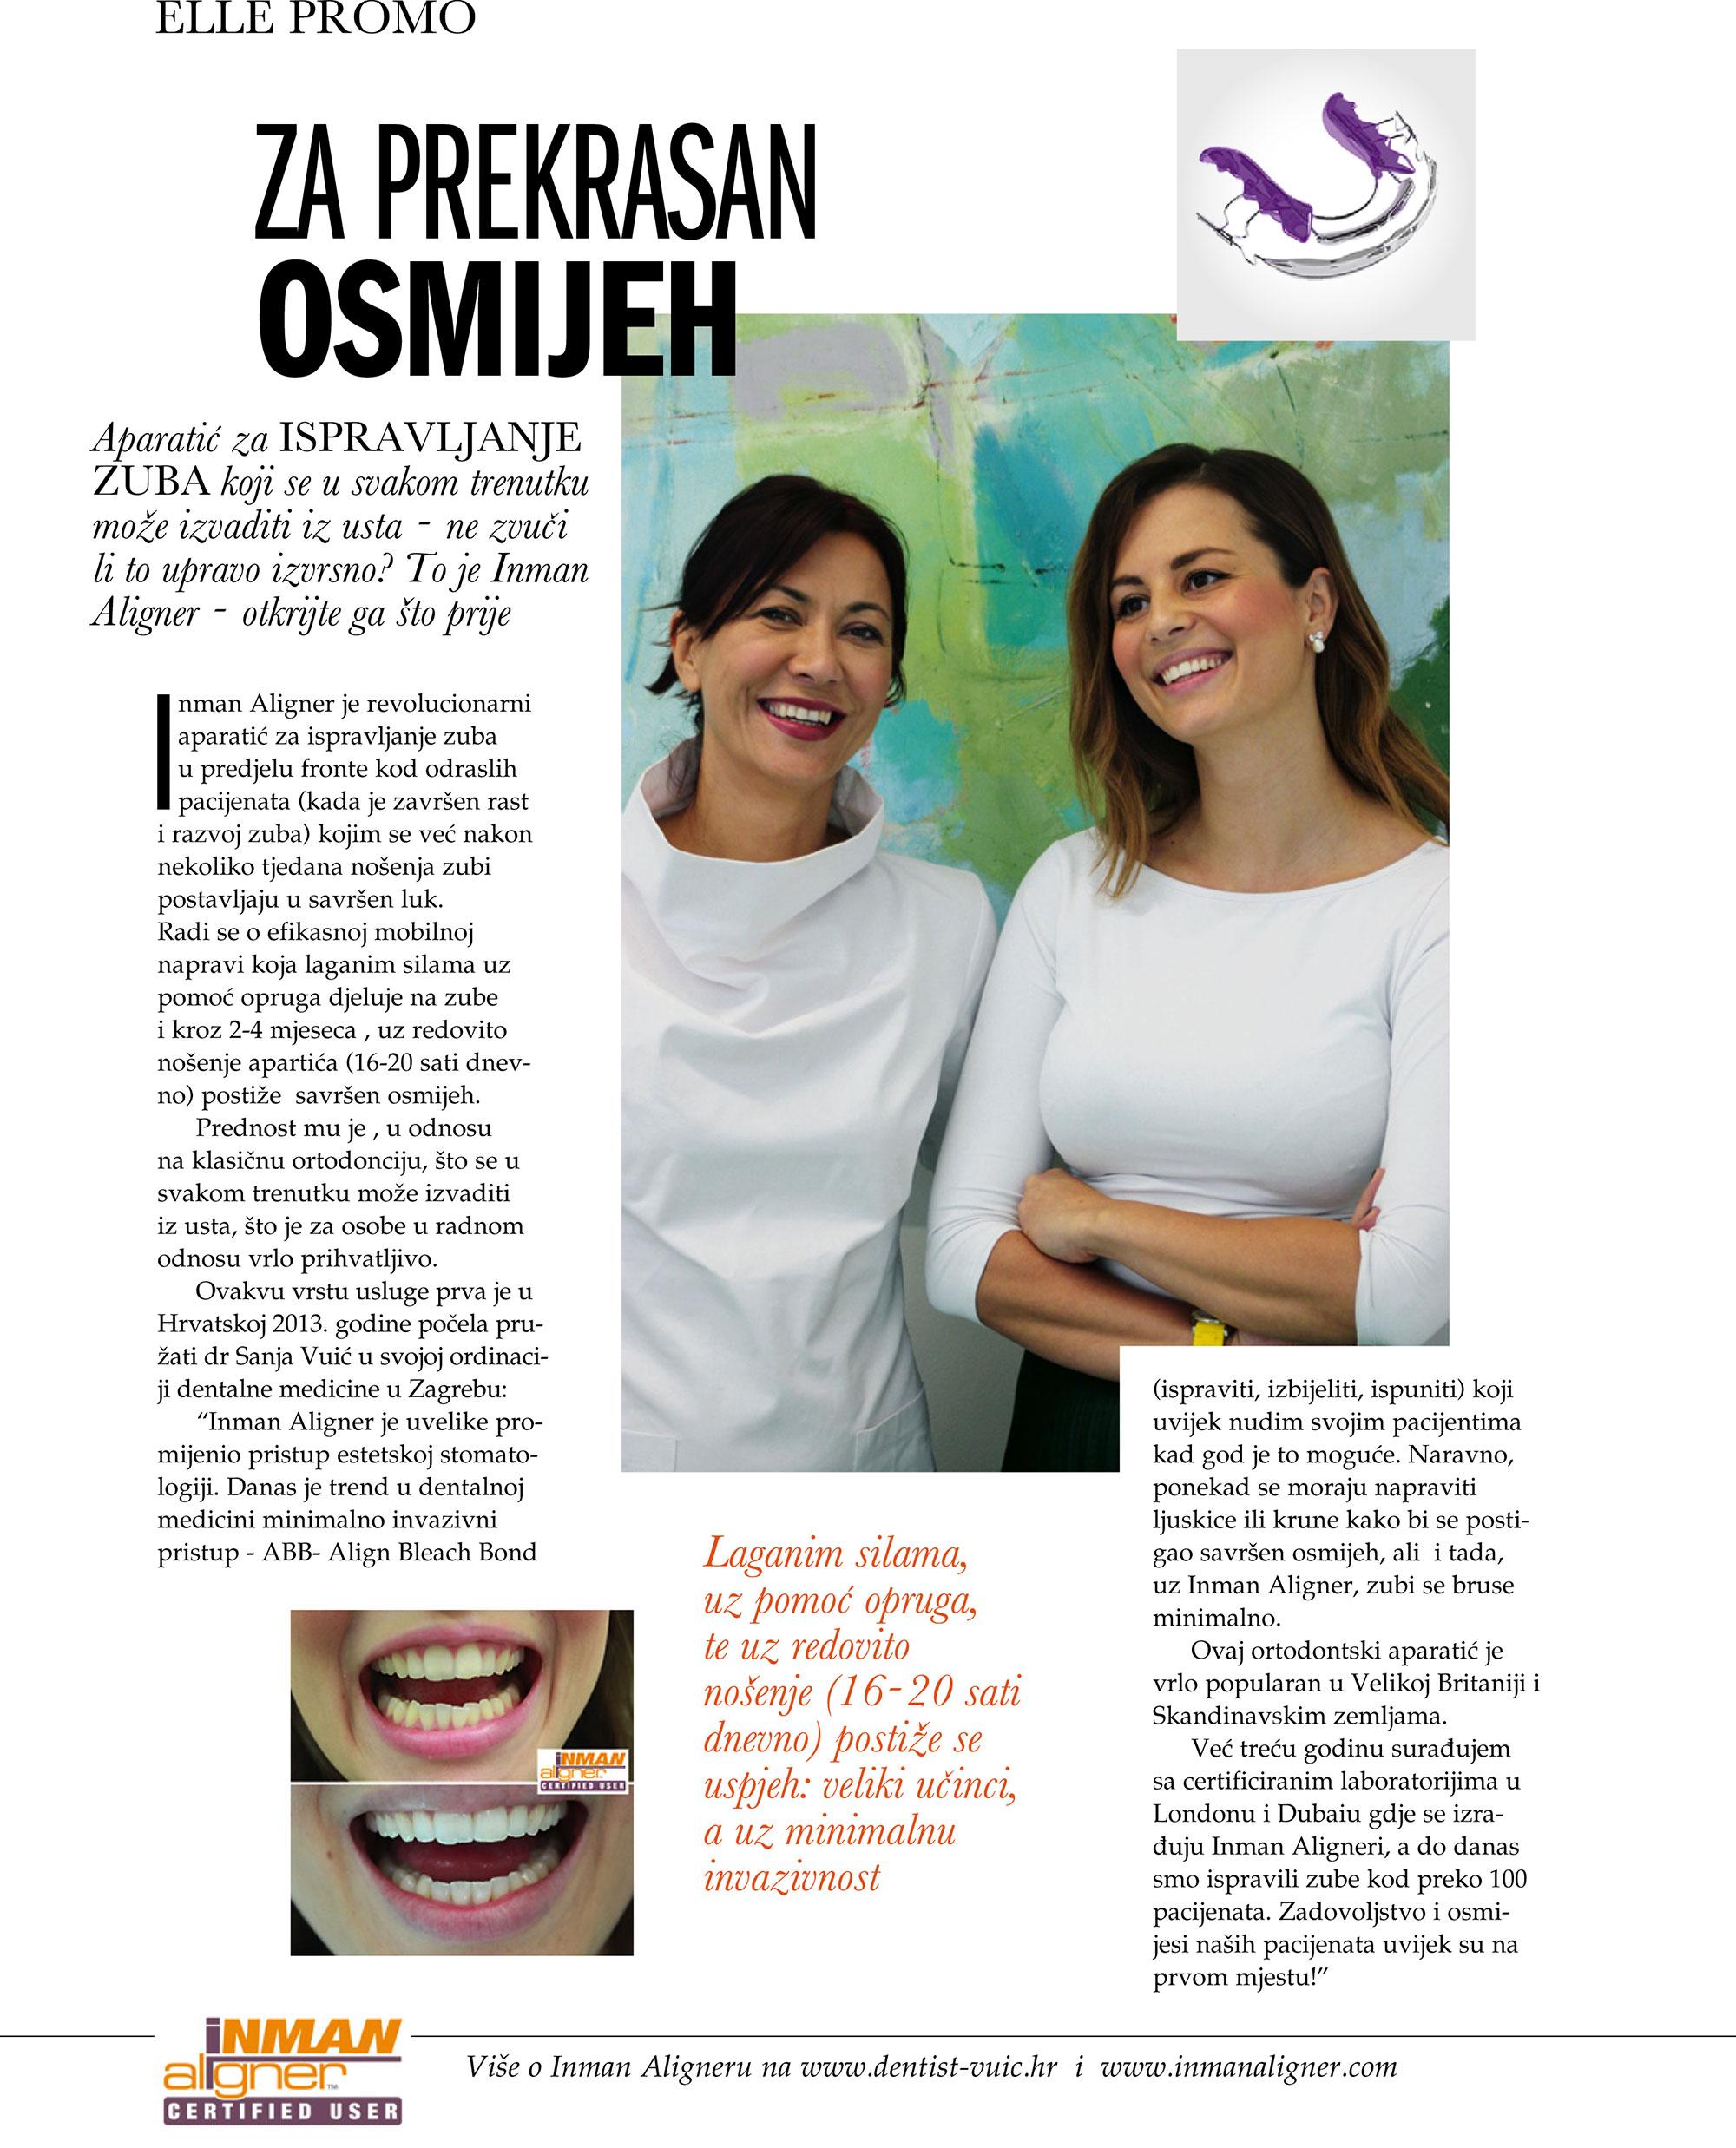 Promotivni članak o terapiji aparatićem Inman Aligner u Ordinaciji Vuić u časopisu Elle